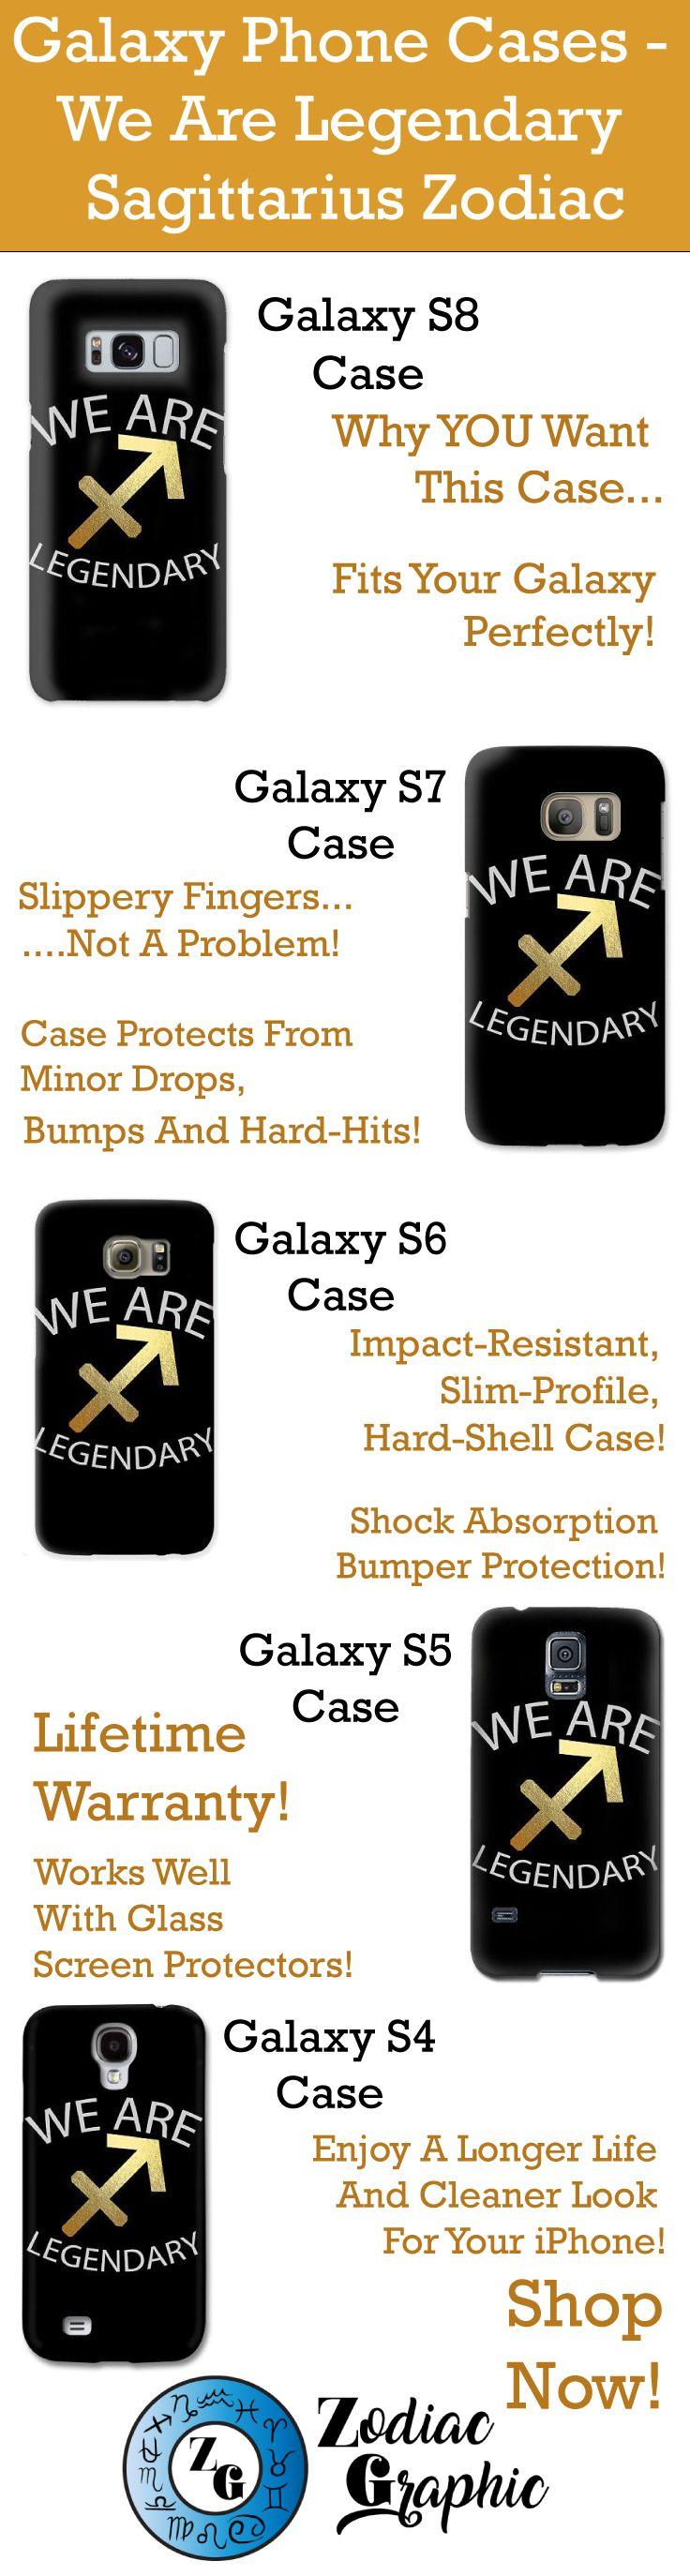 Galaxy S8 || Galaxy S7 || Galaxy S6 || Galaxy S5 || Galaxy S4 || We Are Legendary Sagittarius - Phone Case | Zodiac || Zodiac Sign || Zodiac Gift || Sagittarius || Sagittarius Zodiac Gift || Gift For Sagittarius || November Birthday Gift || December Birthday Gift